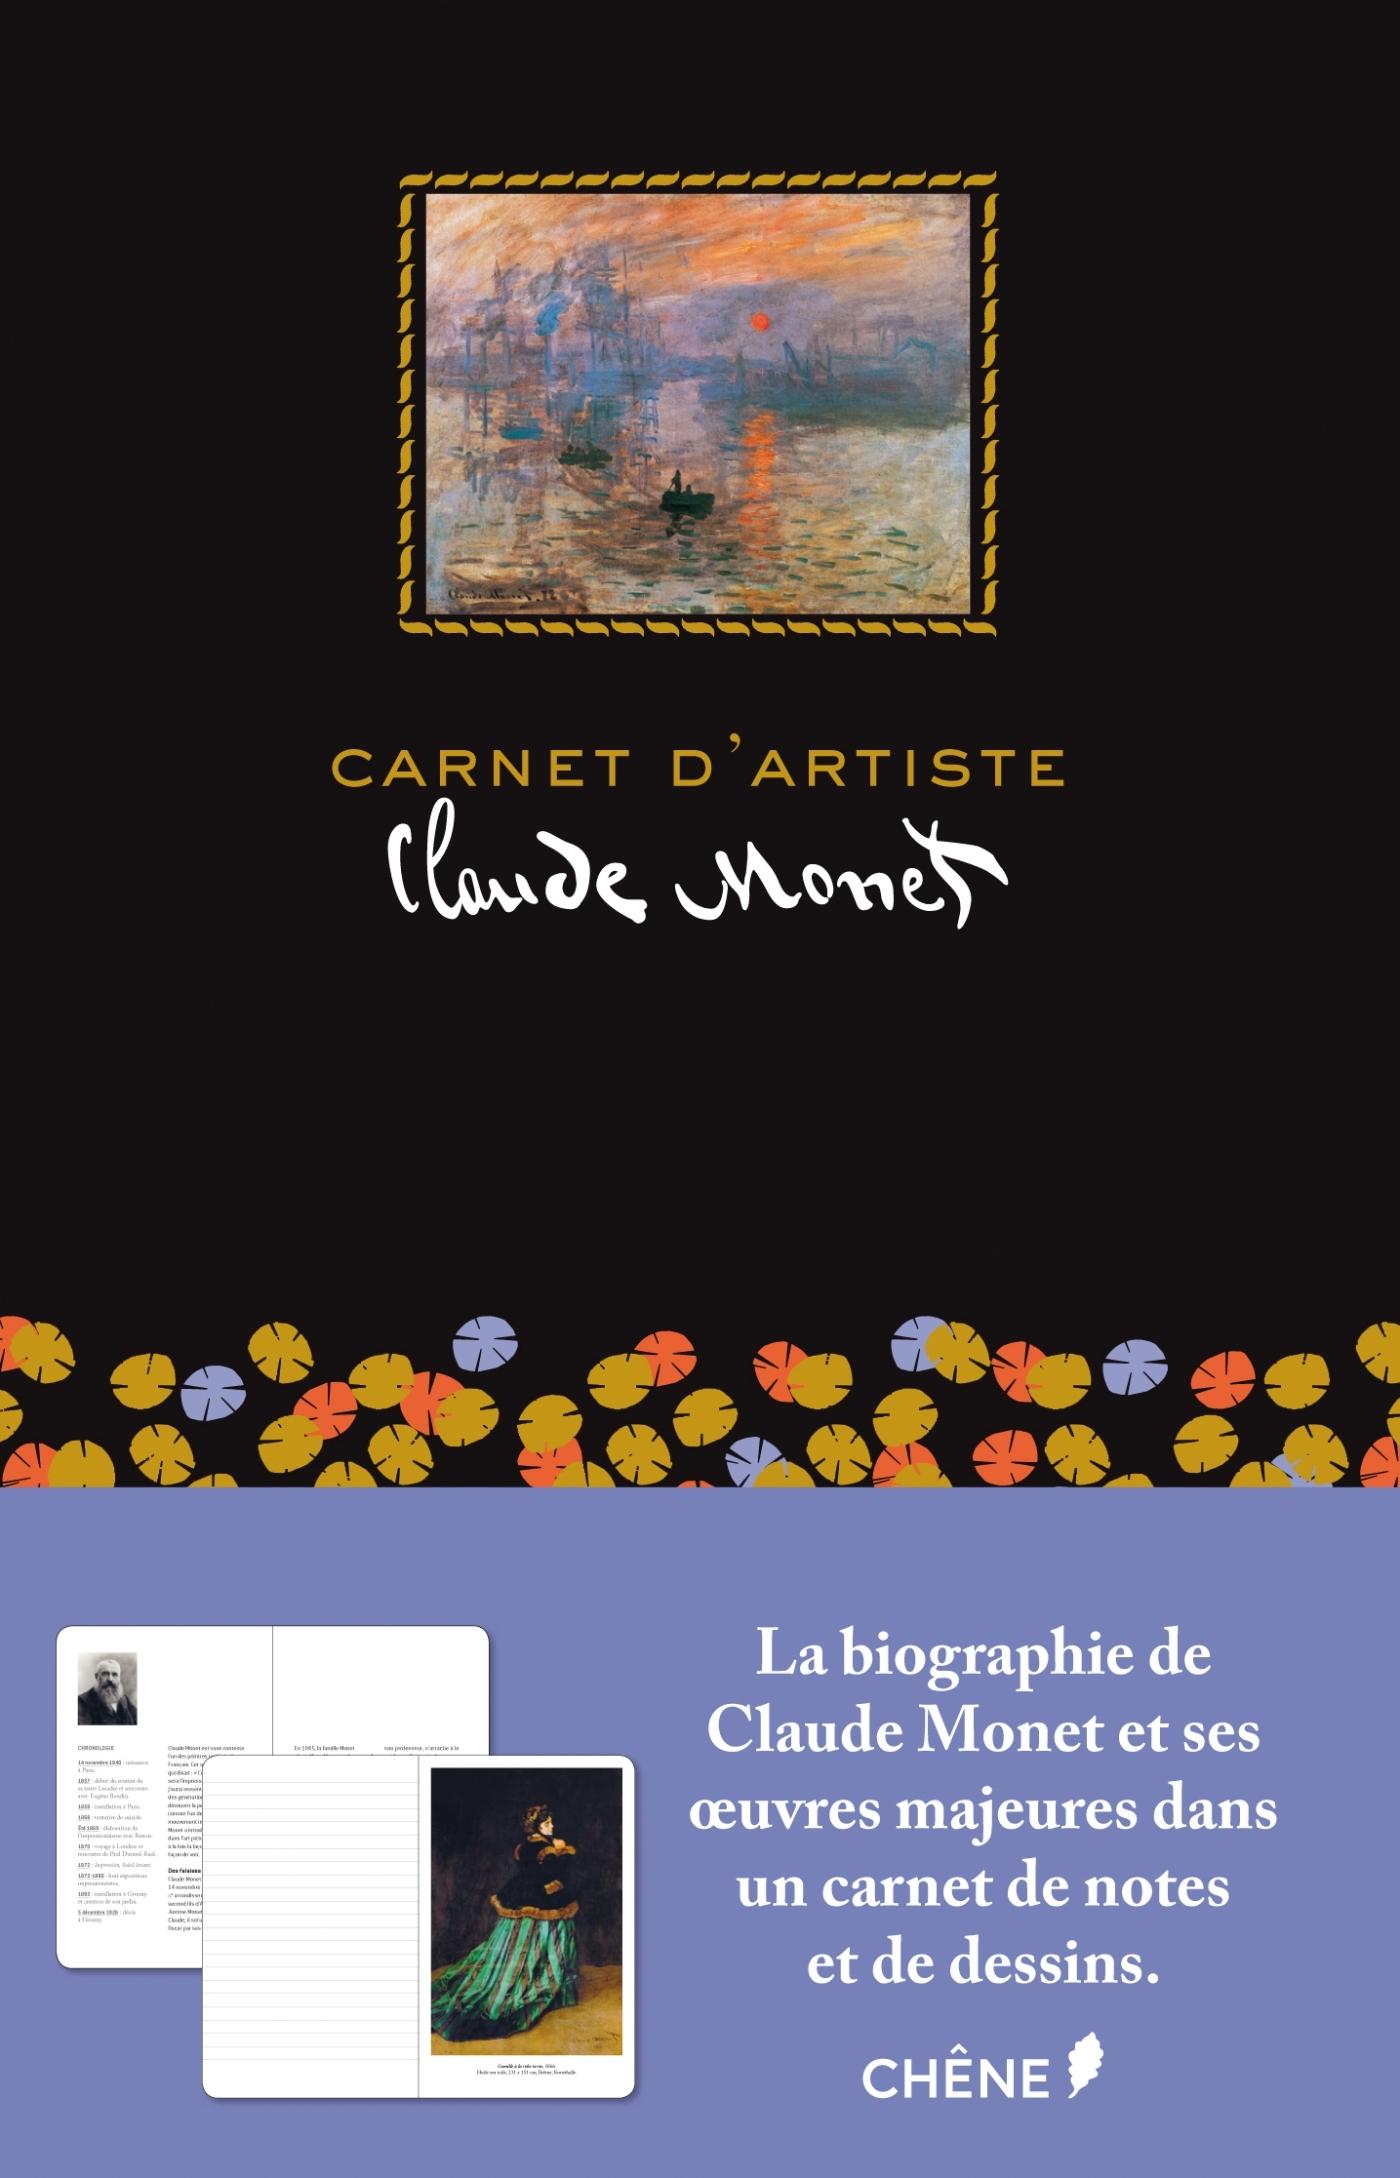 CARNET D'ARTISTES CLAUDE MONET